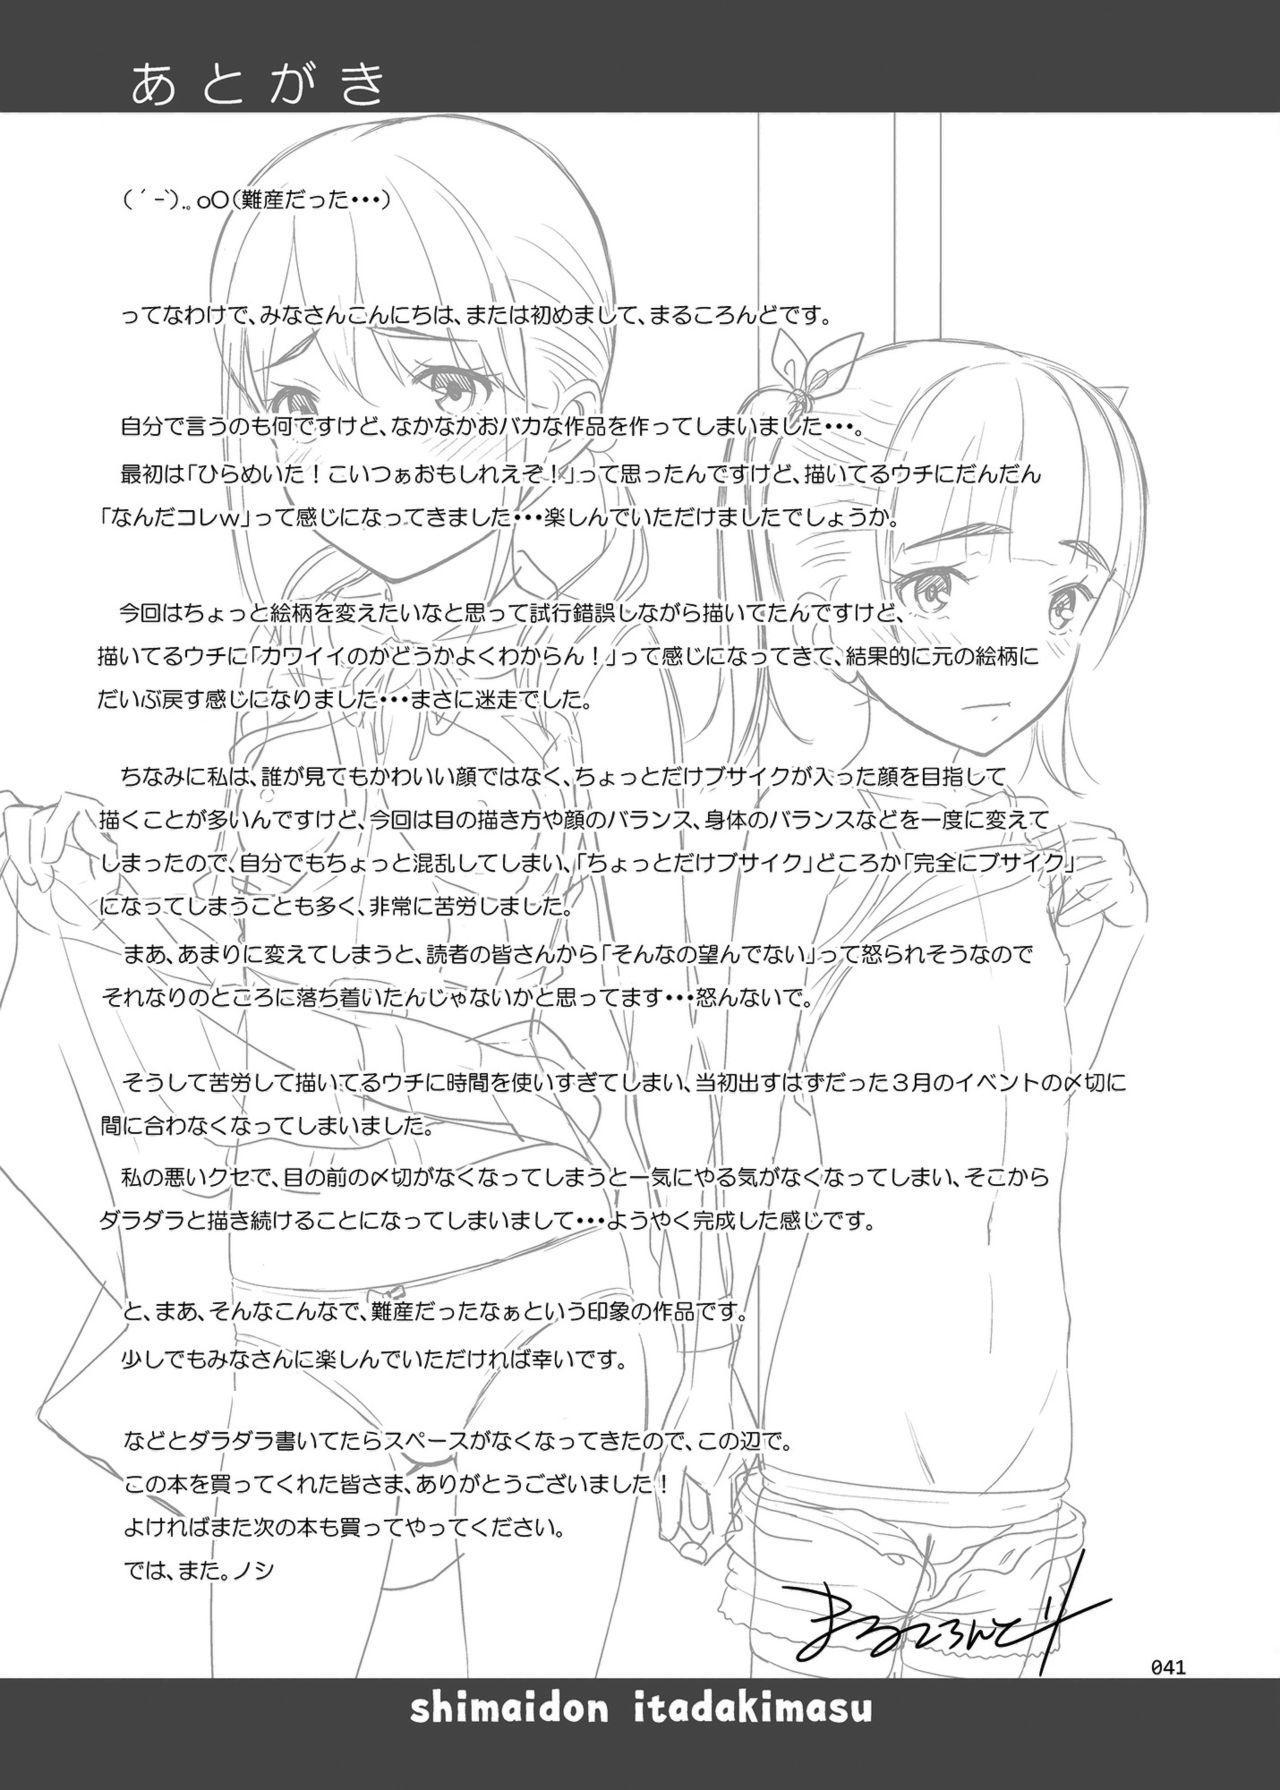 Shimaidon Itadakimasu 40